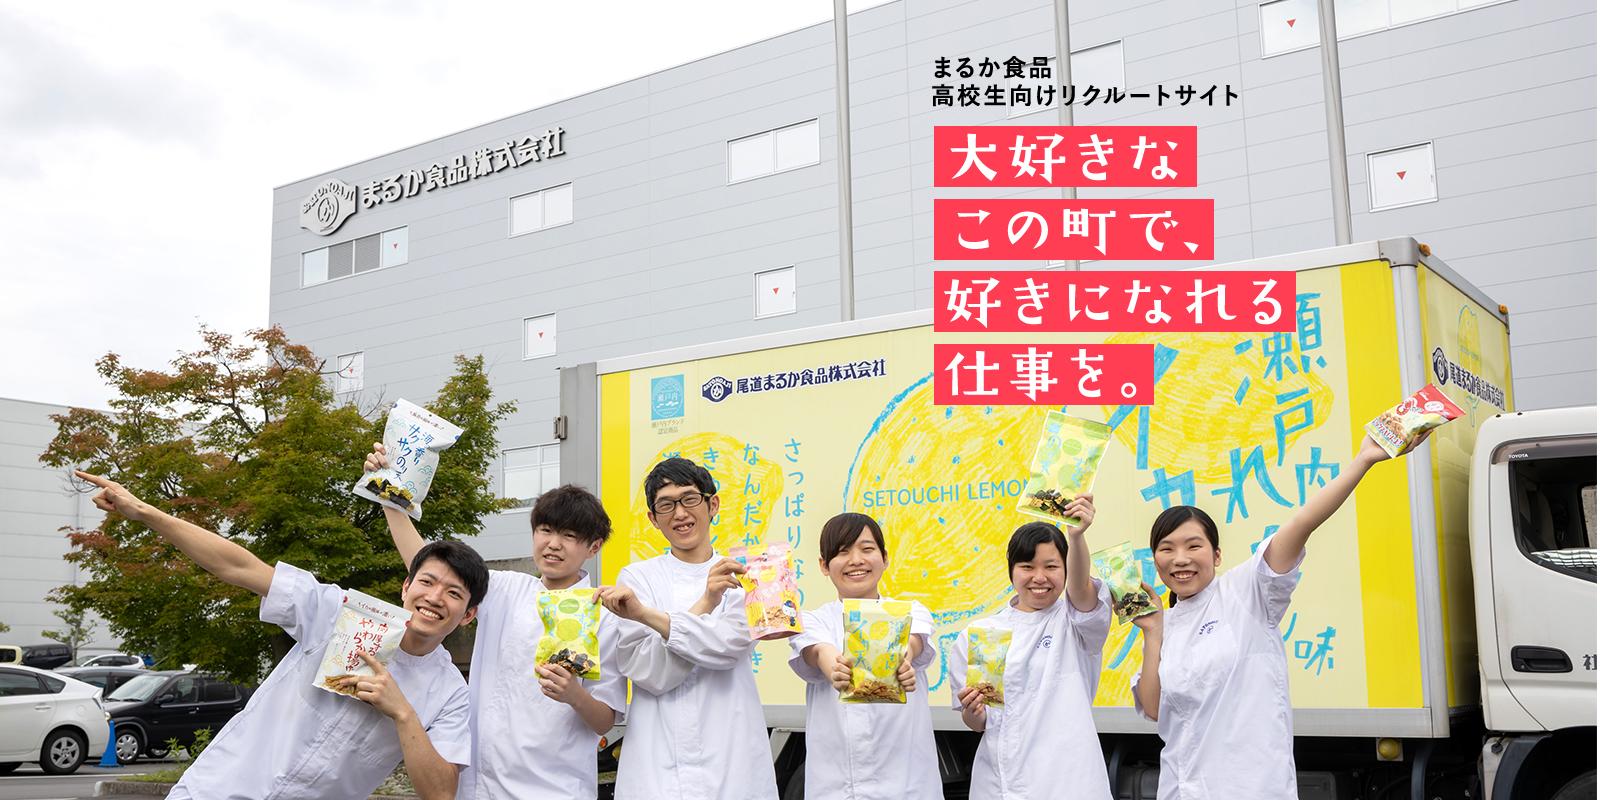 尾道 高卒 採用 求人 まるか食品 高卒高校生向けリクルートサイト 大好きなこの町で、好きになれる仕事を。